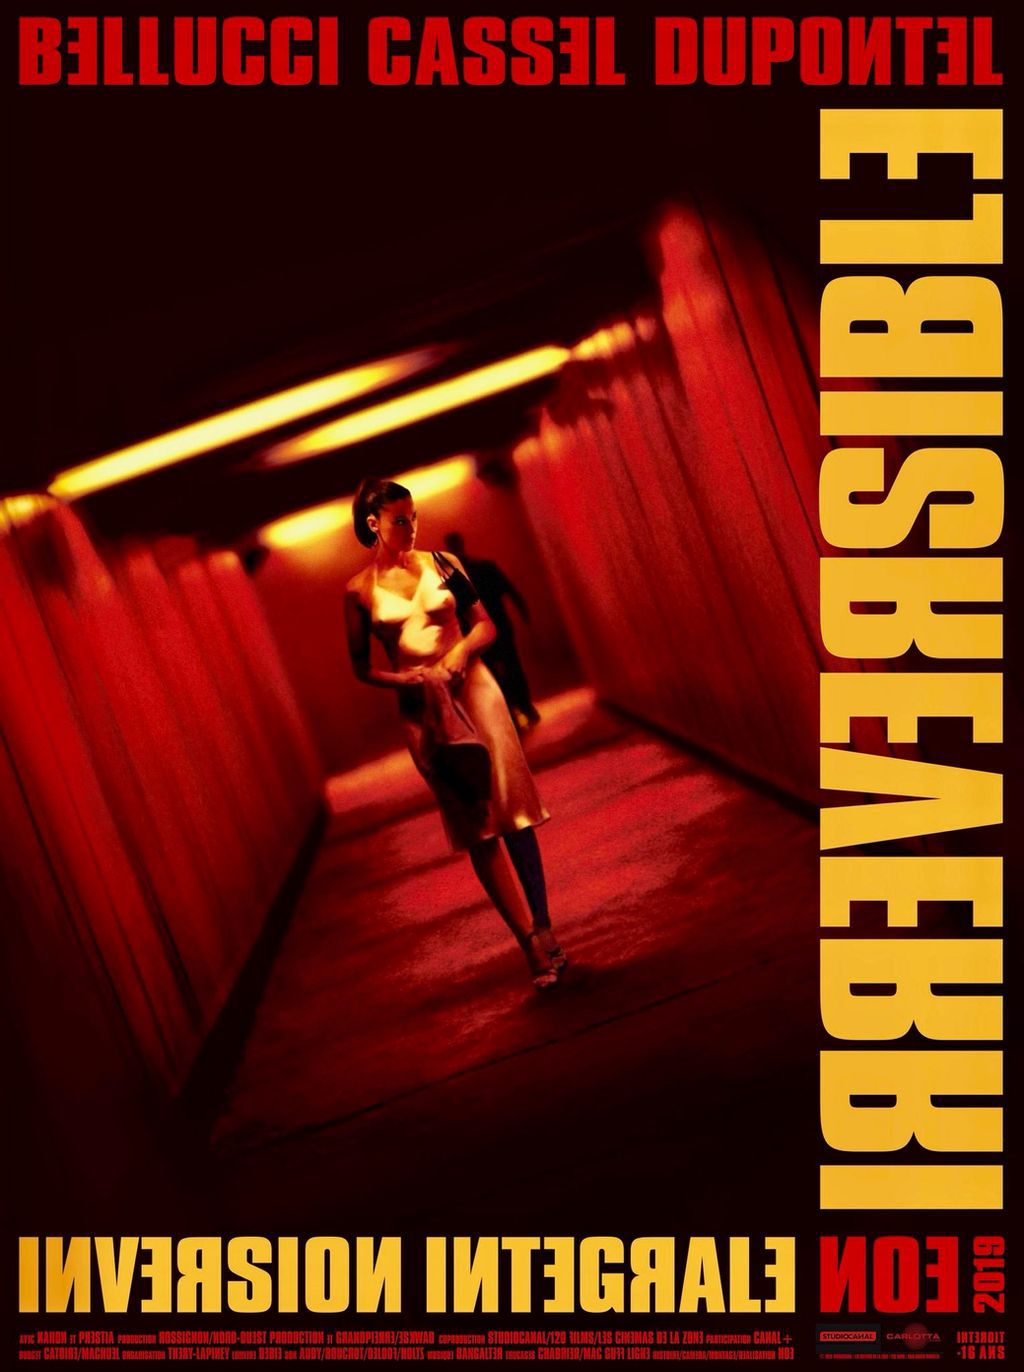 Irréversible (Inversion intégrale) - Film (2020)